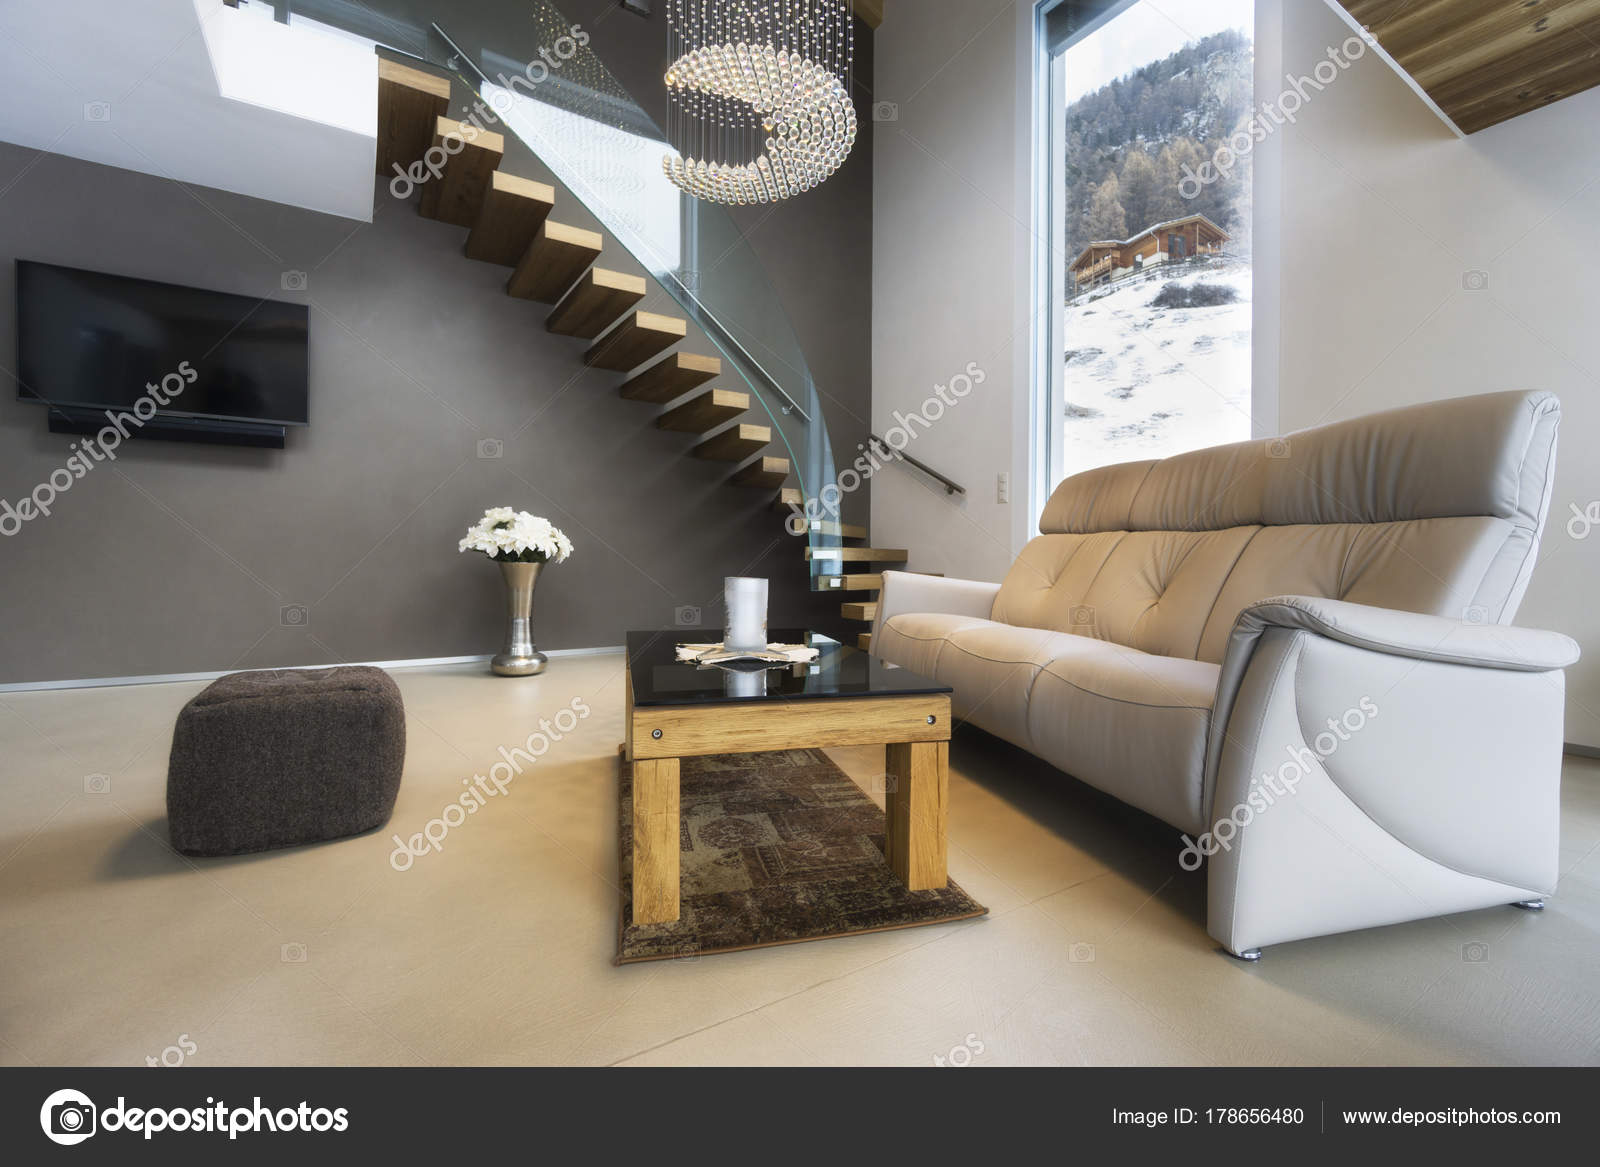 Wohnzimmer der Luxus-Haus mit Blick auf die Berge in modernem design ...